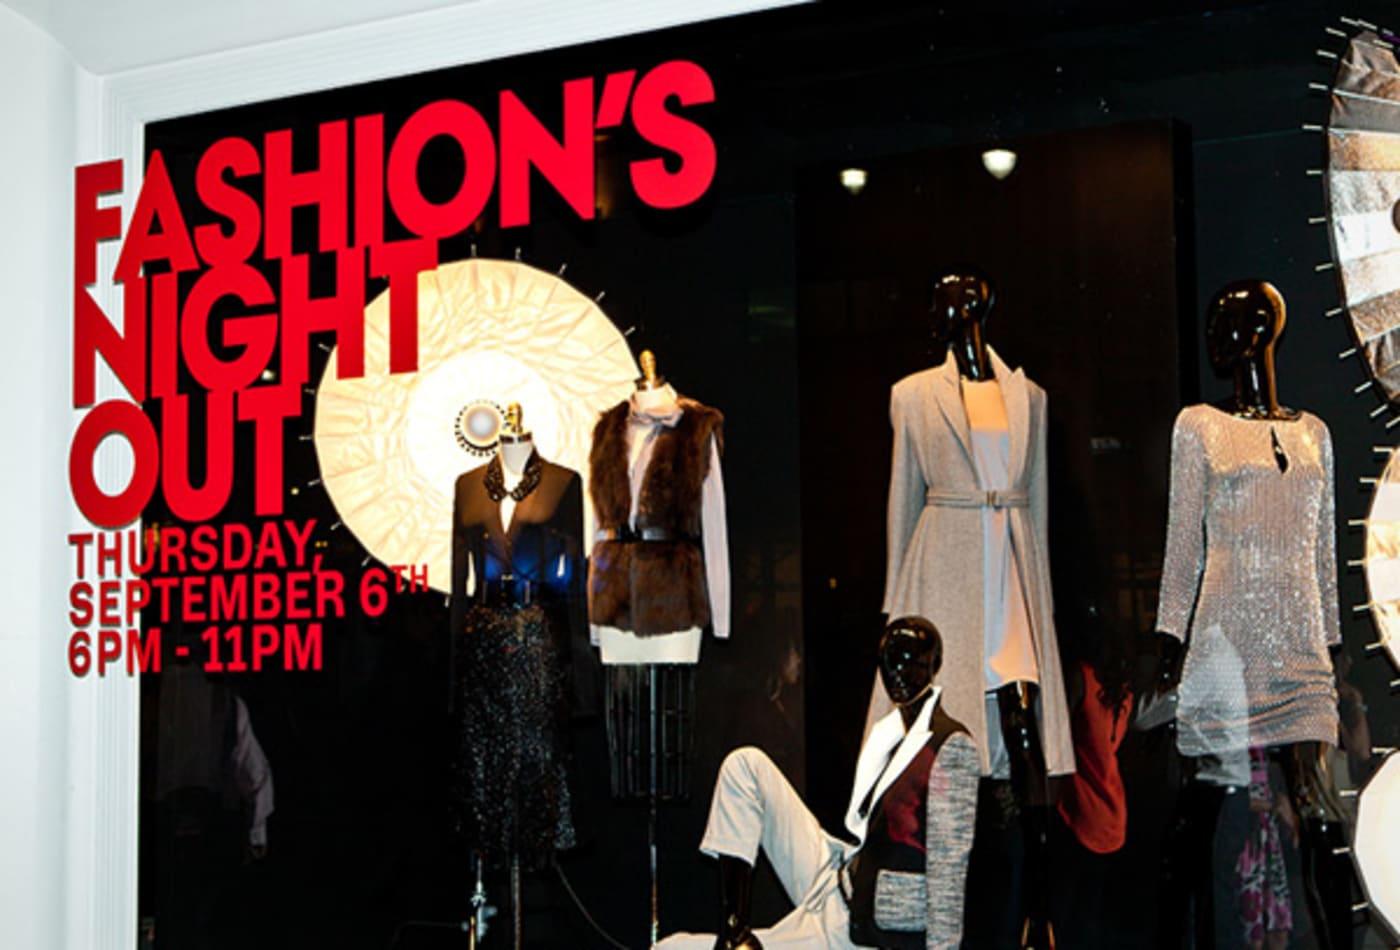 Mercedes-Benz-Fashion-week-2012-fashion-night-window.jpg